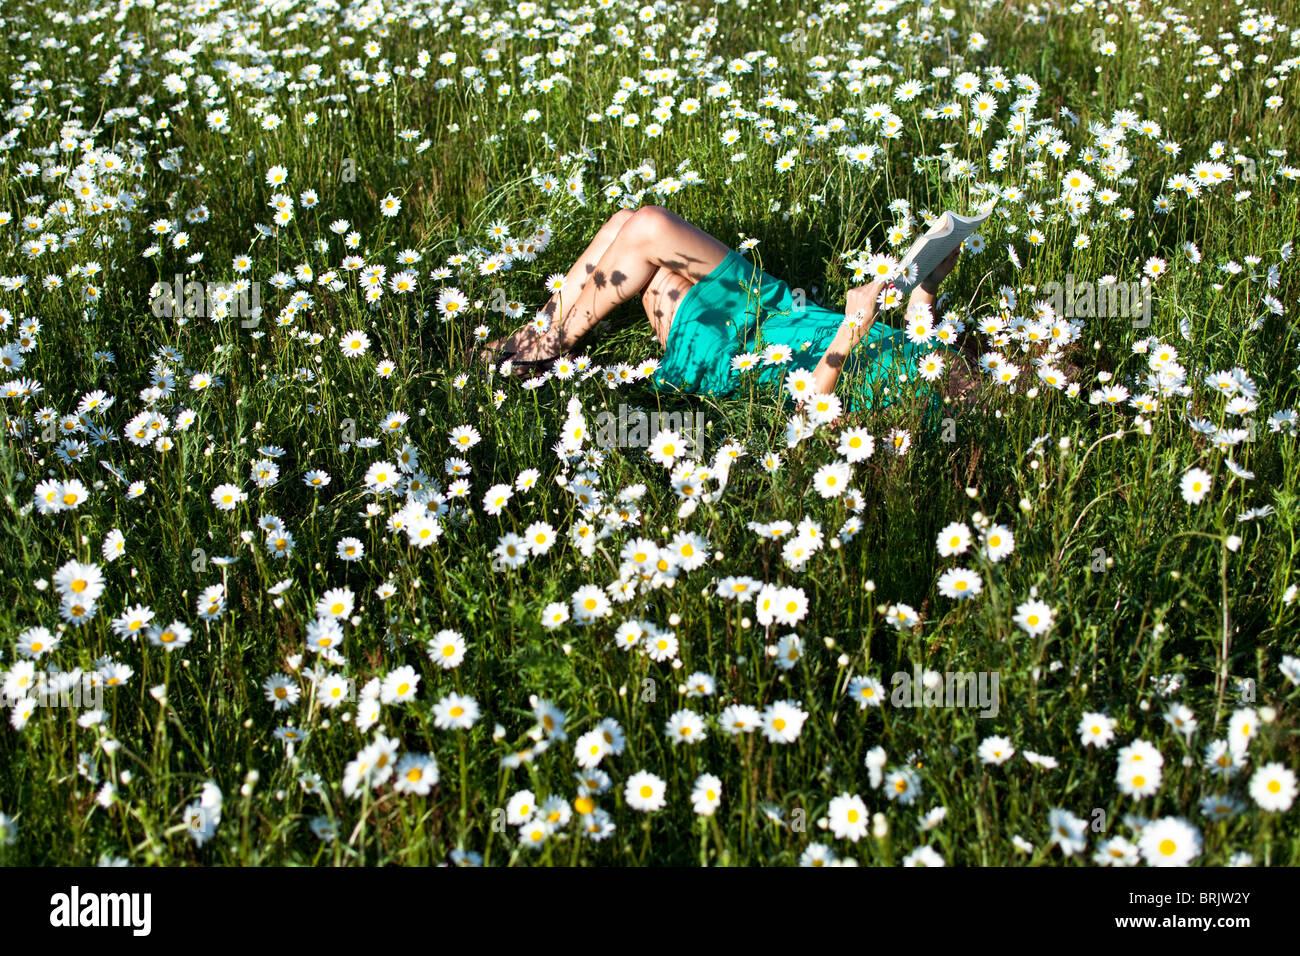 Eine junge Frau genießt einen ruhigen Augenblick Lesen eines Buches in einem Feld von Wildblumen in Idaho. Stockbild